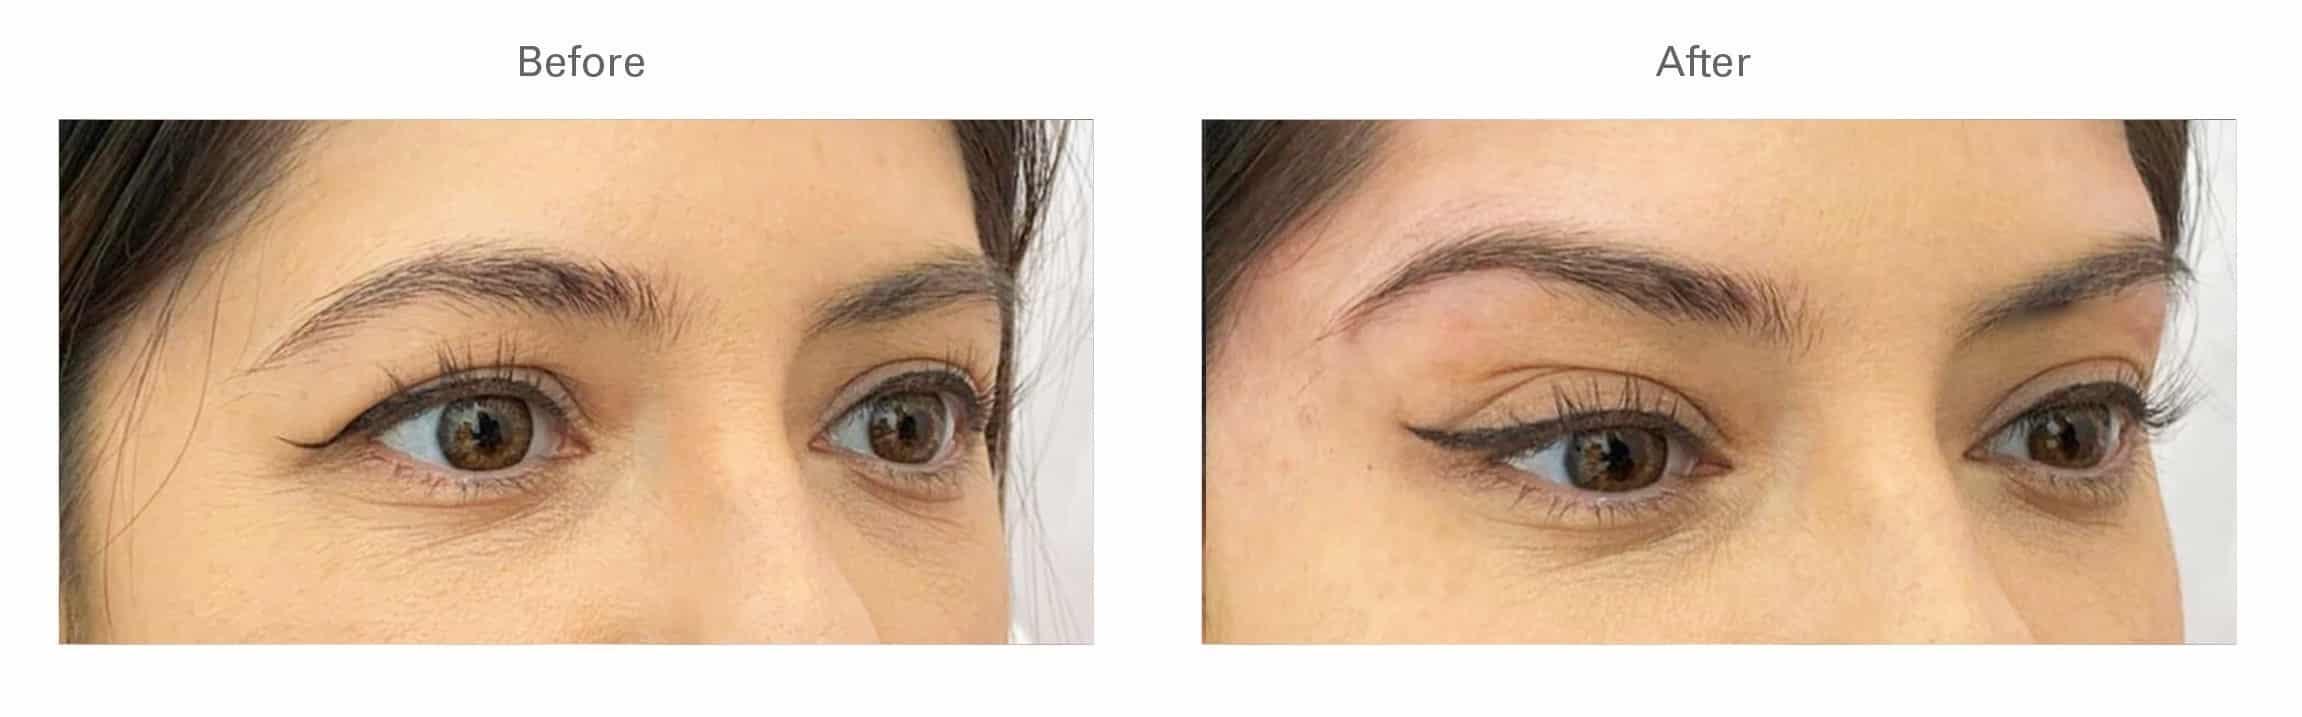 Botox® for Brow Lift